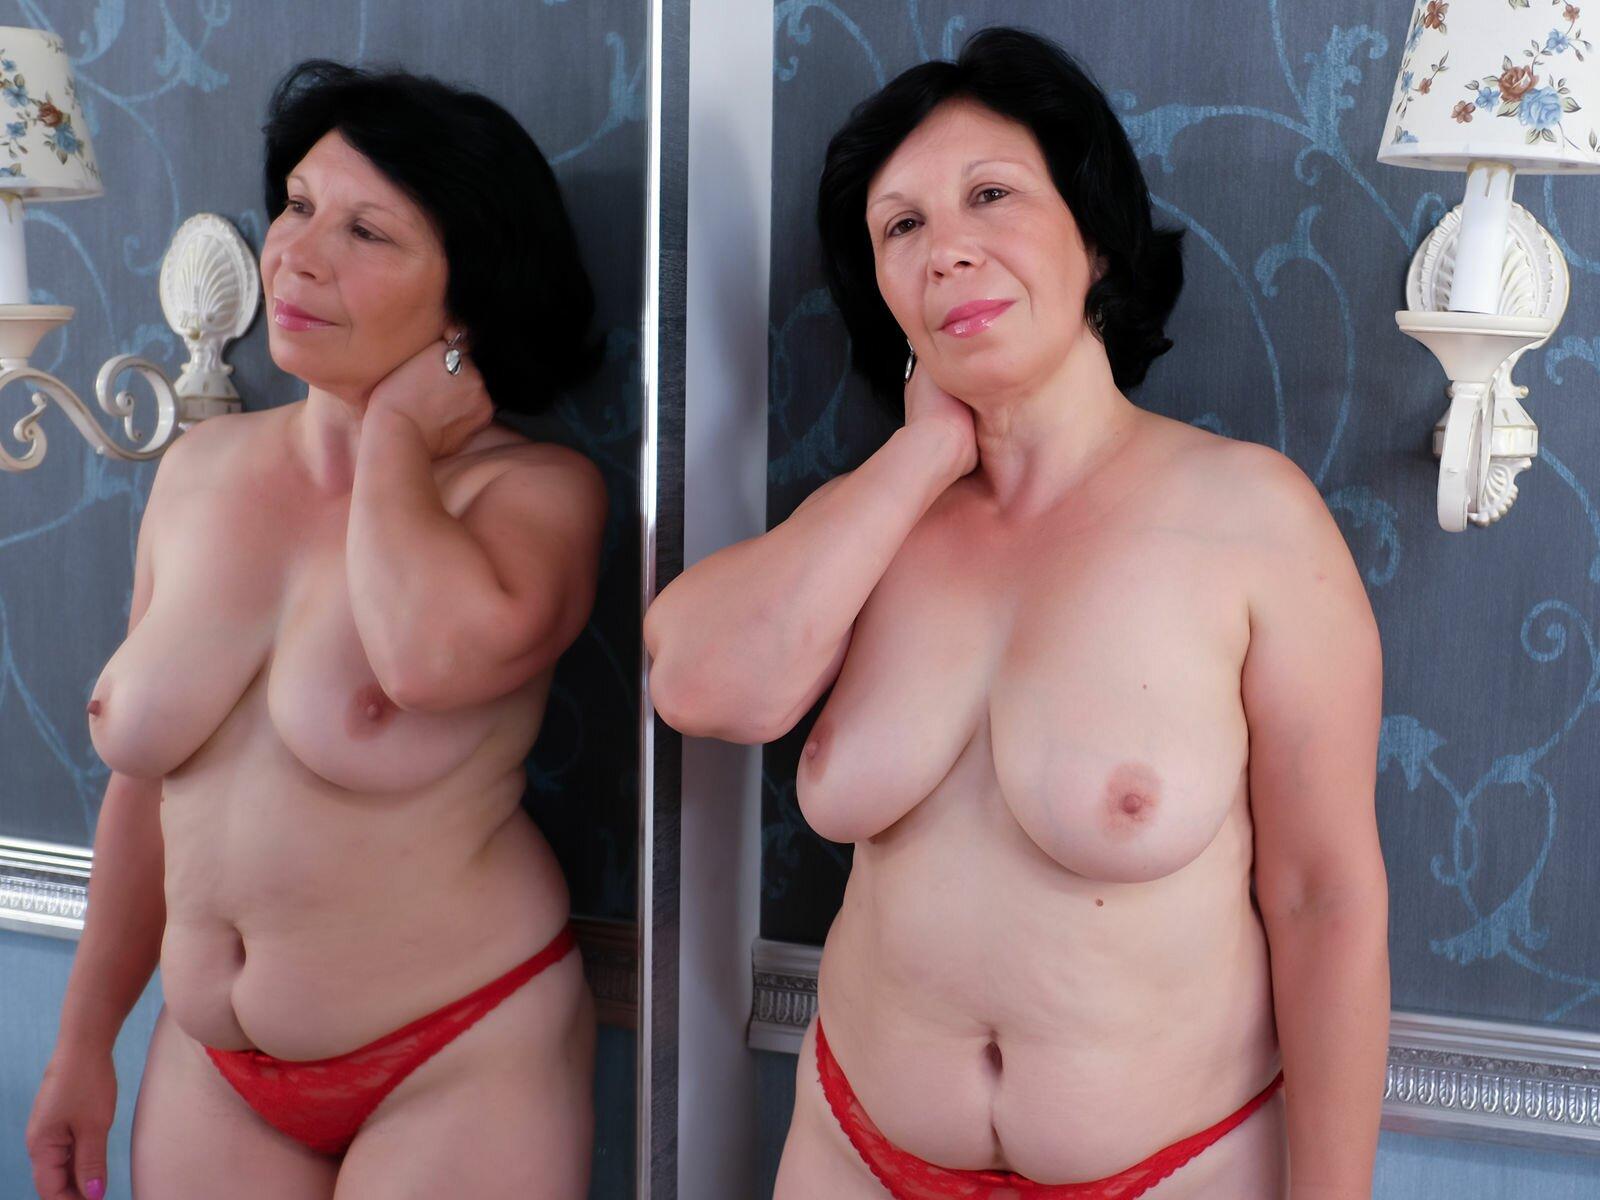 Nikki rhodes sex anal